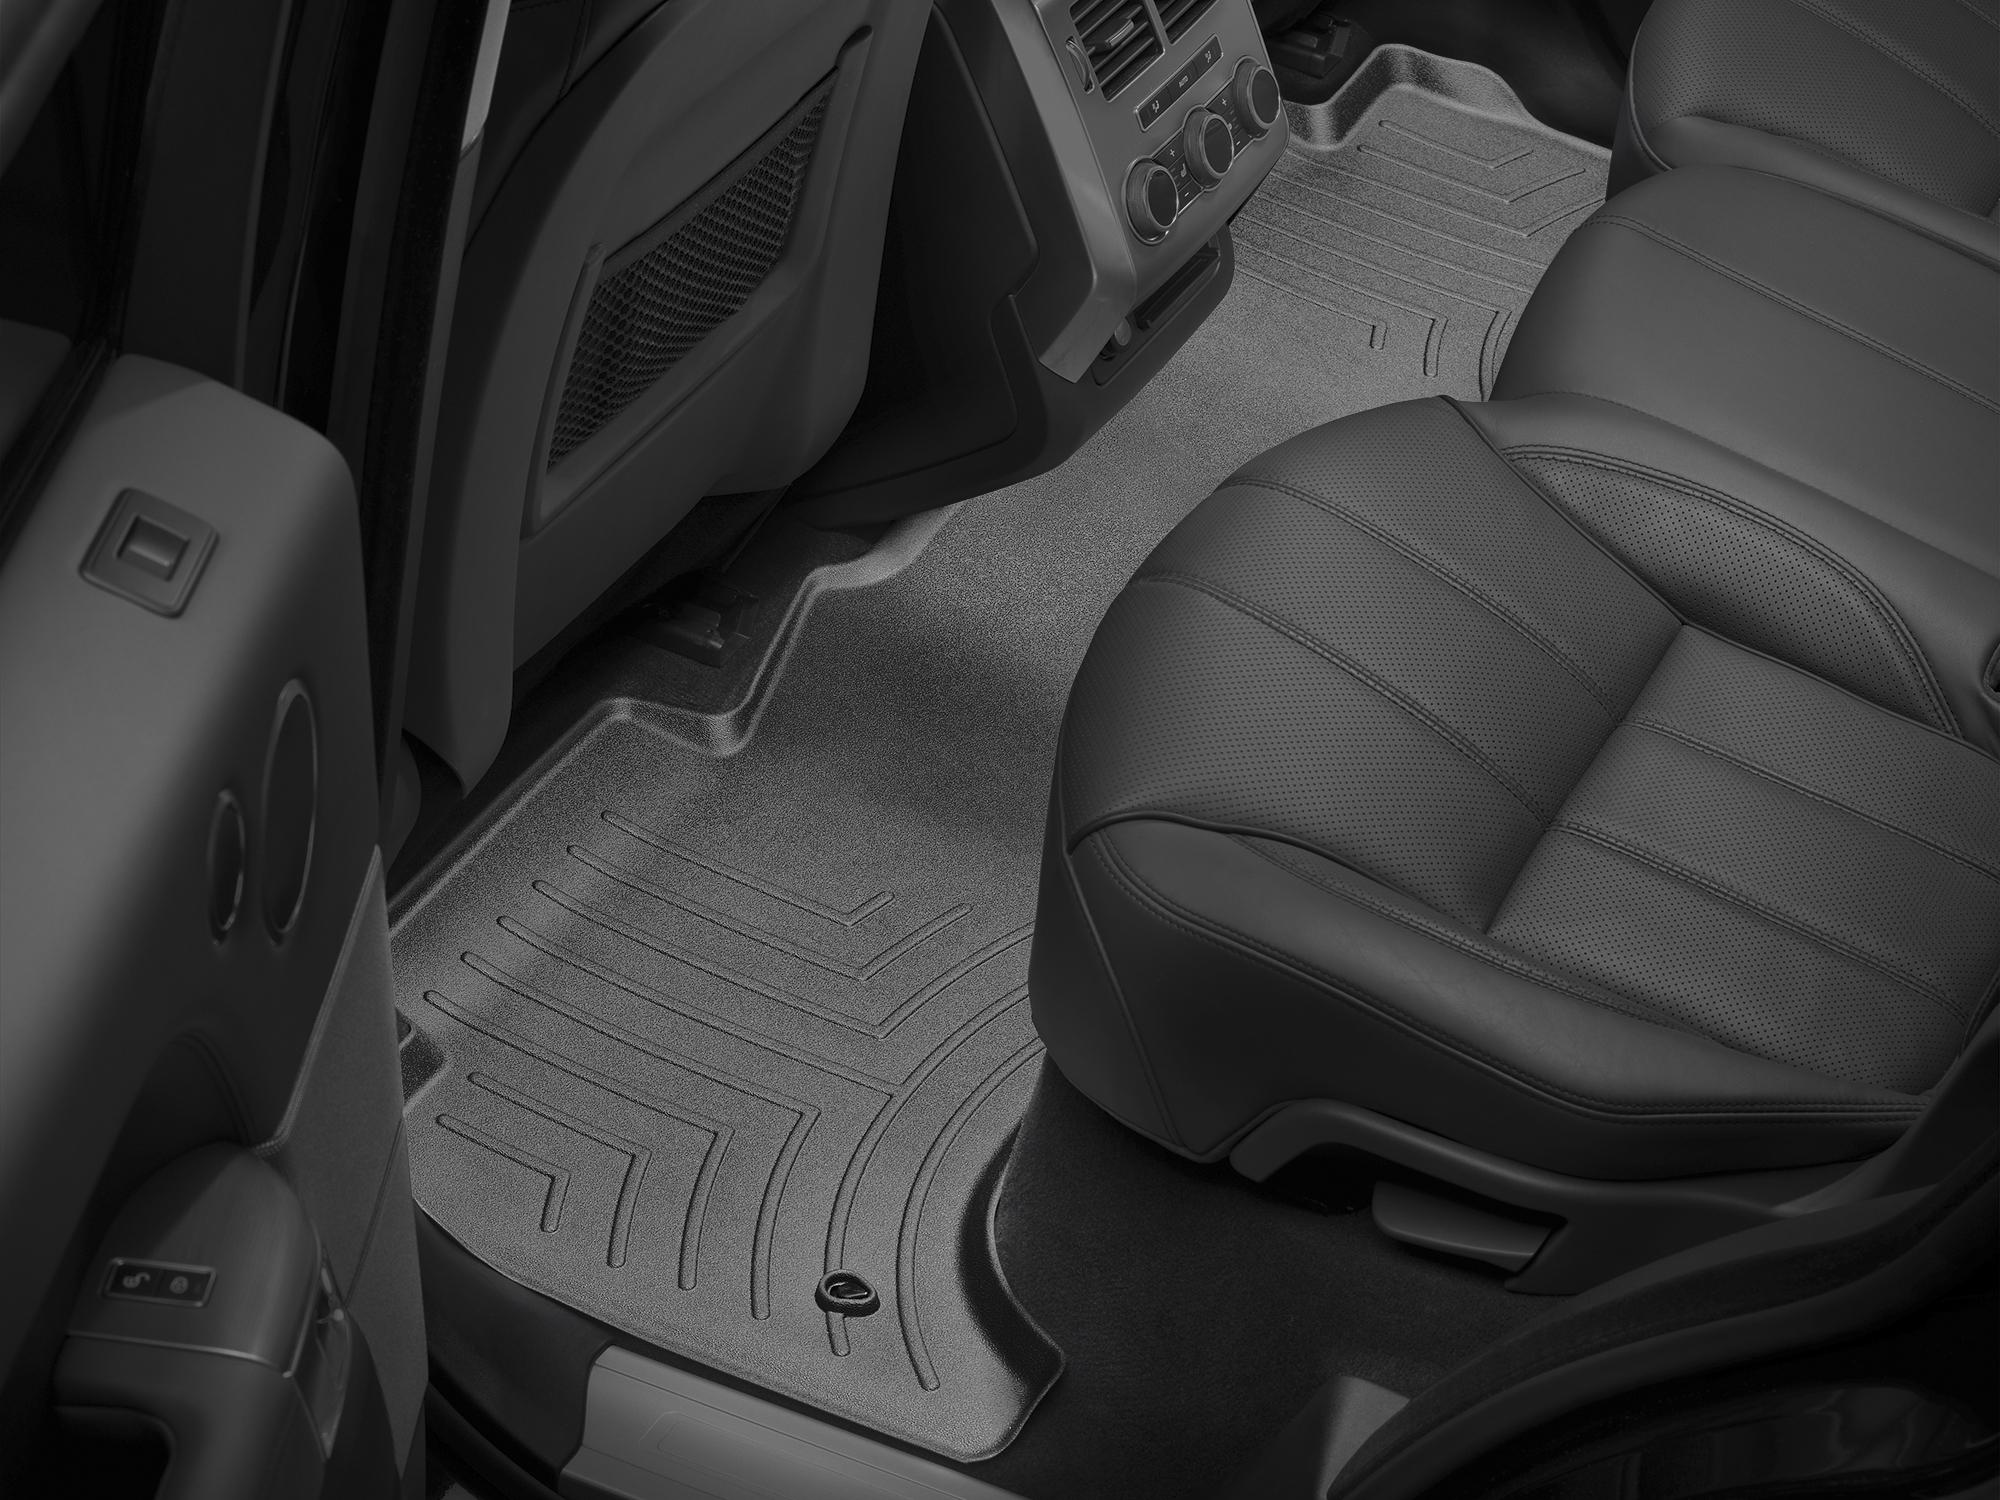 Tappeti gomma su misura bordo alto Land Rover 14>17 Nero A1996*